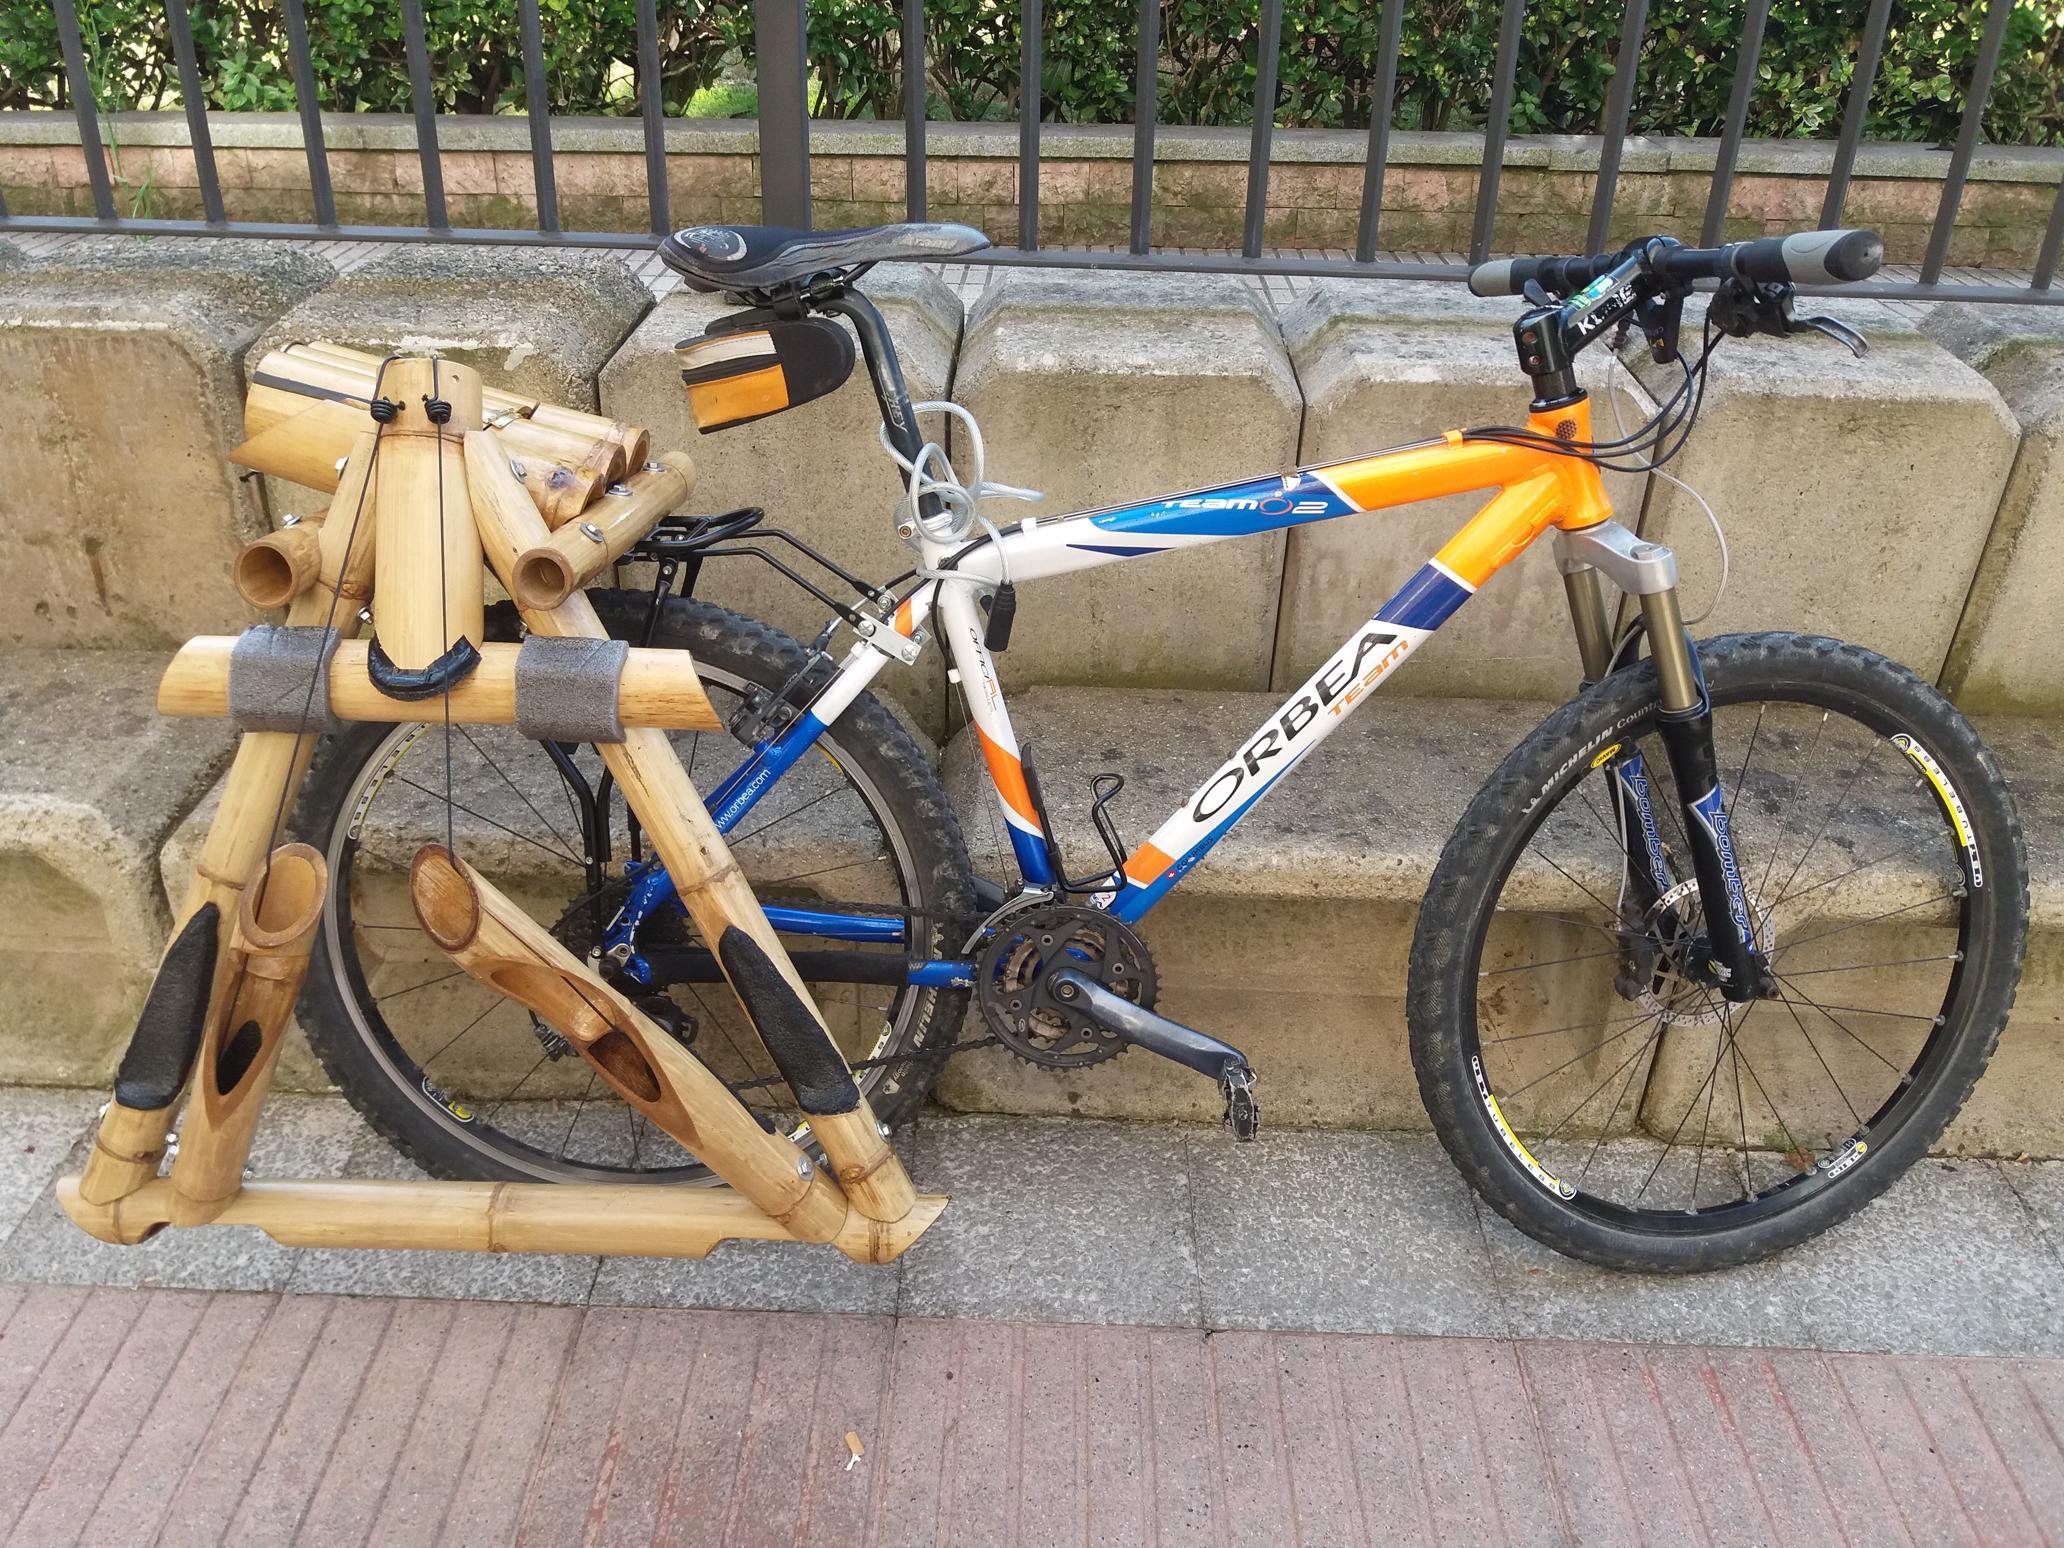 Bicicletas robadas